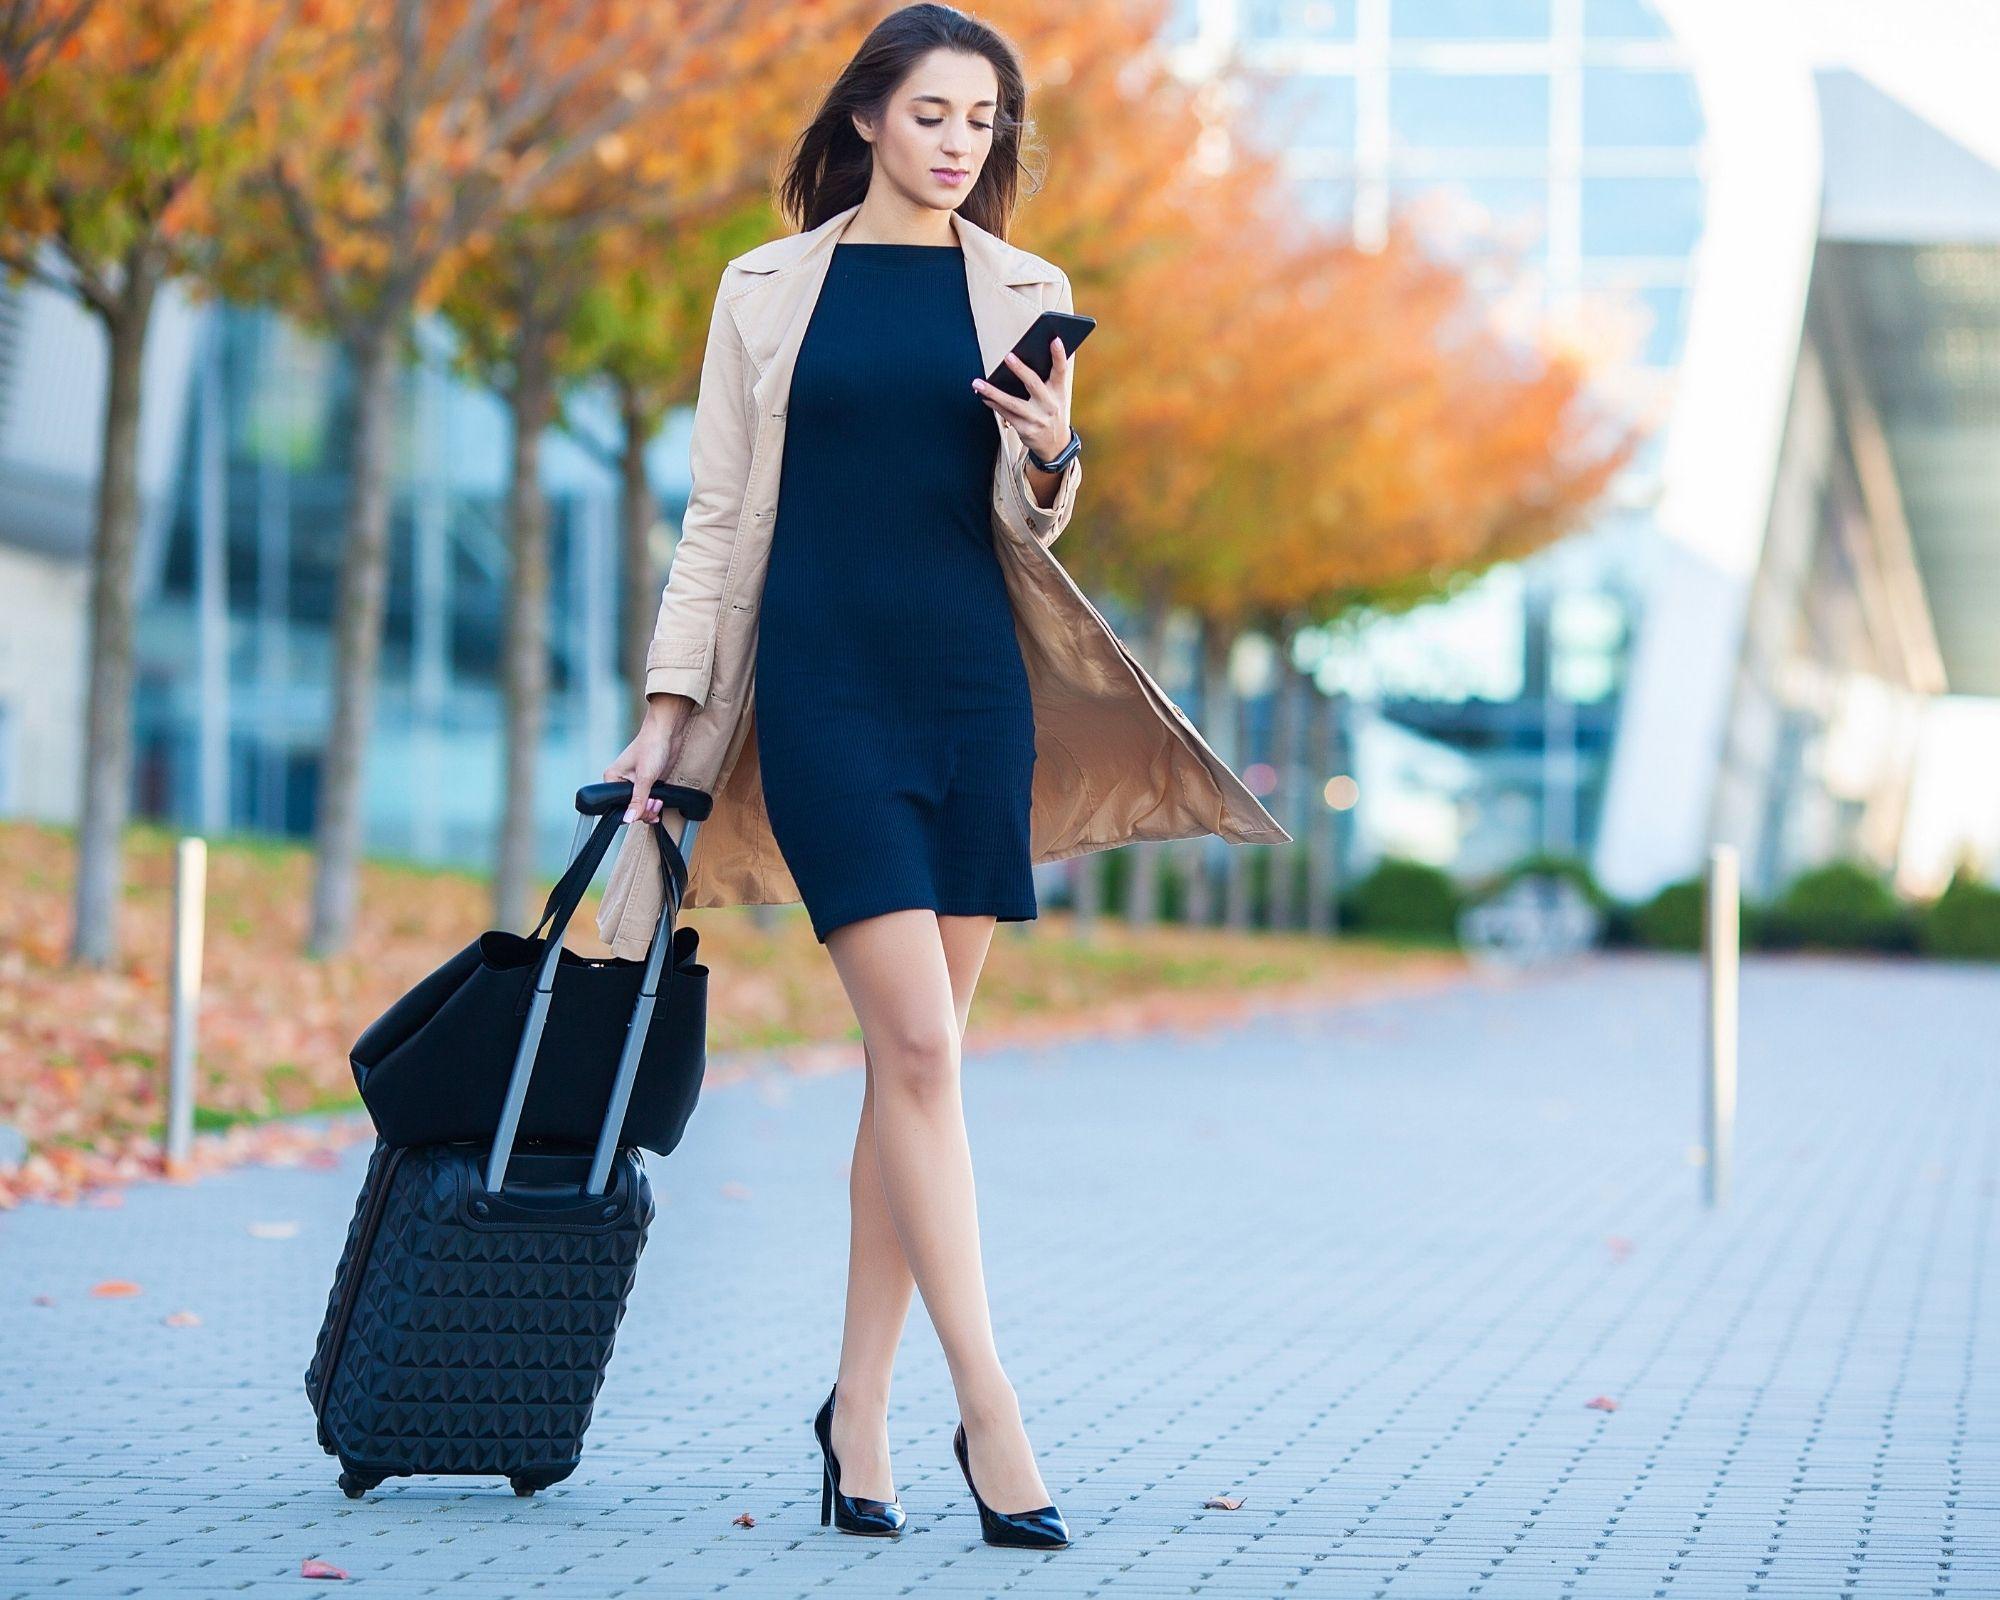 Opzioni di abbigliamento per l'aeroporto